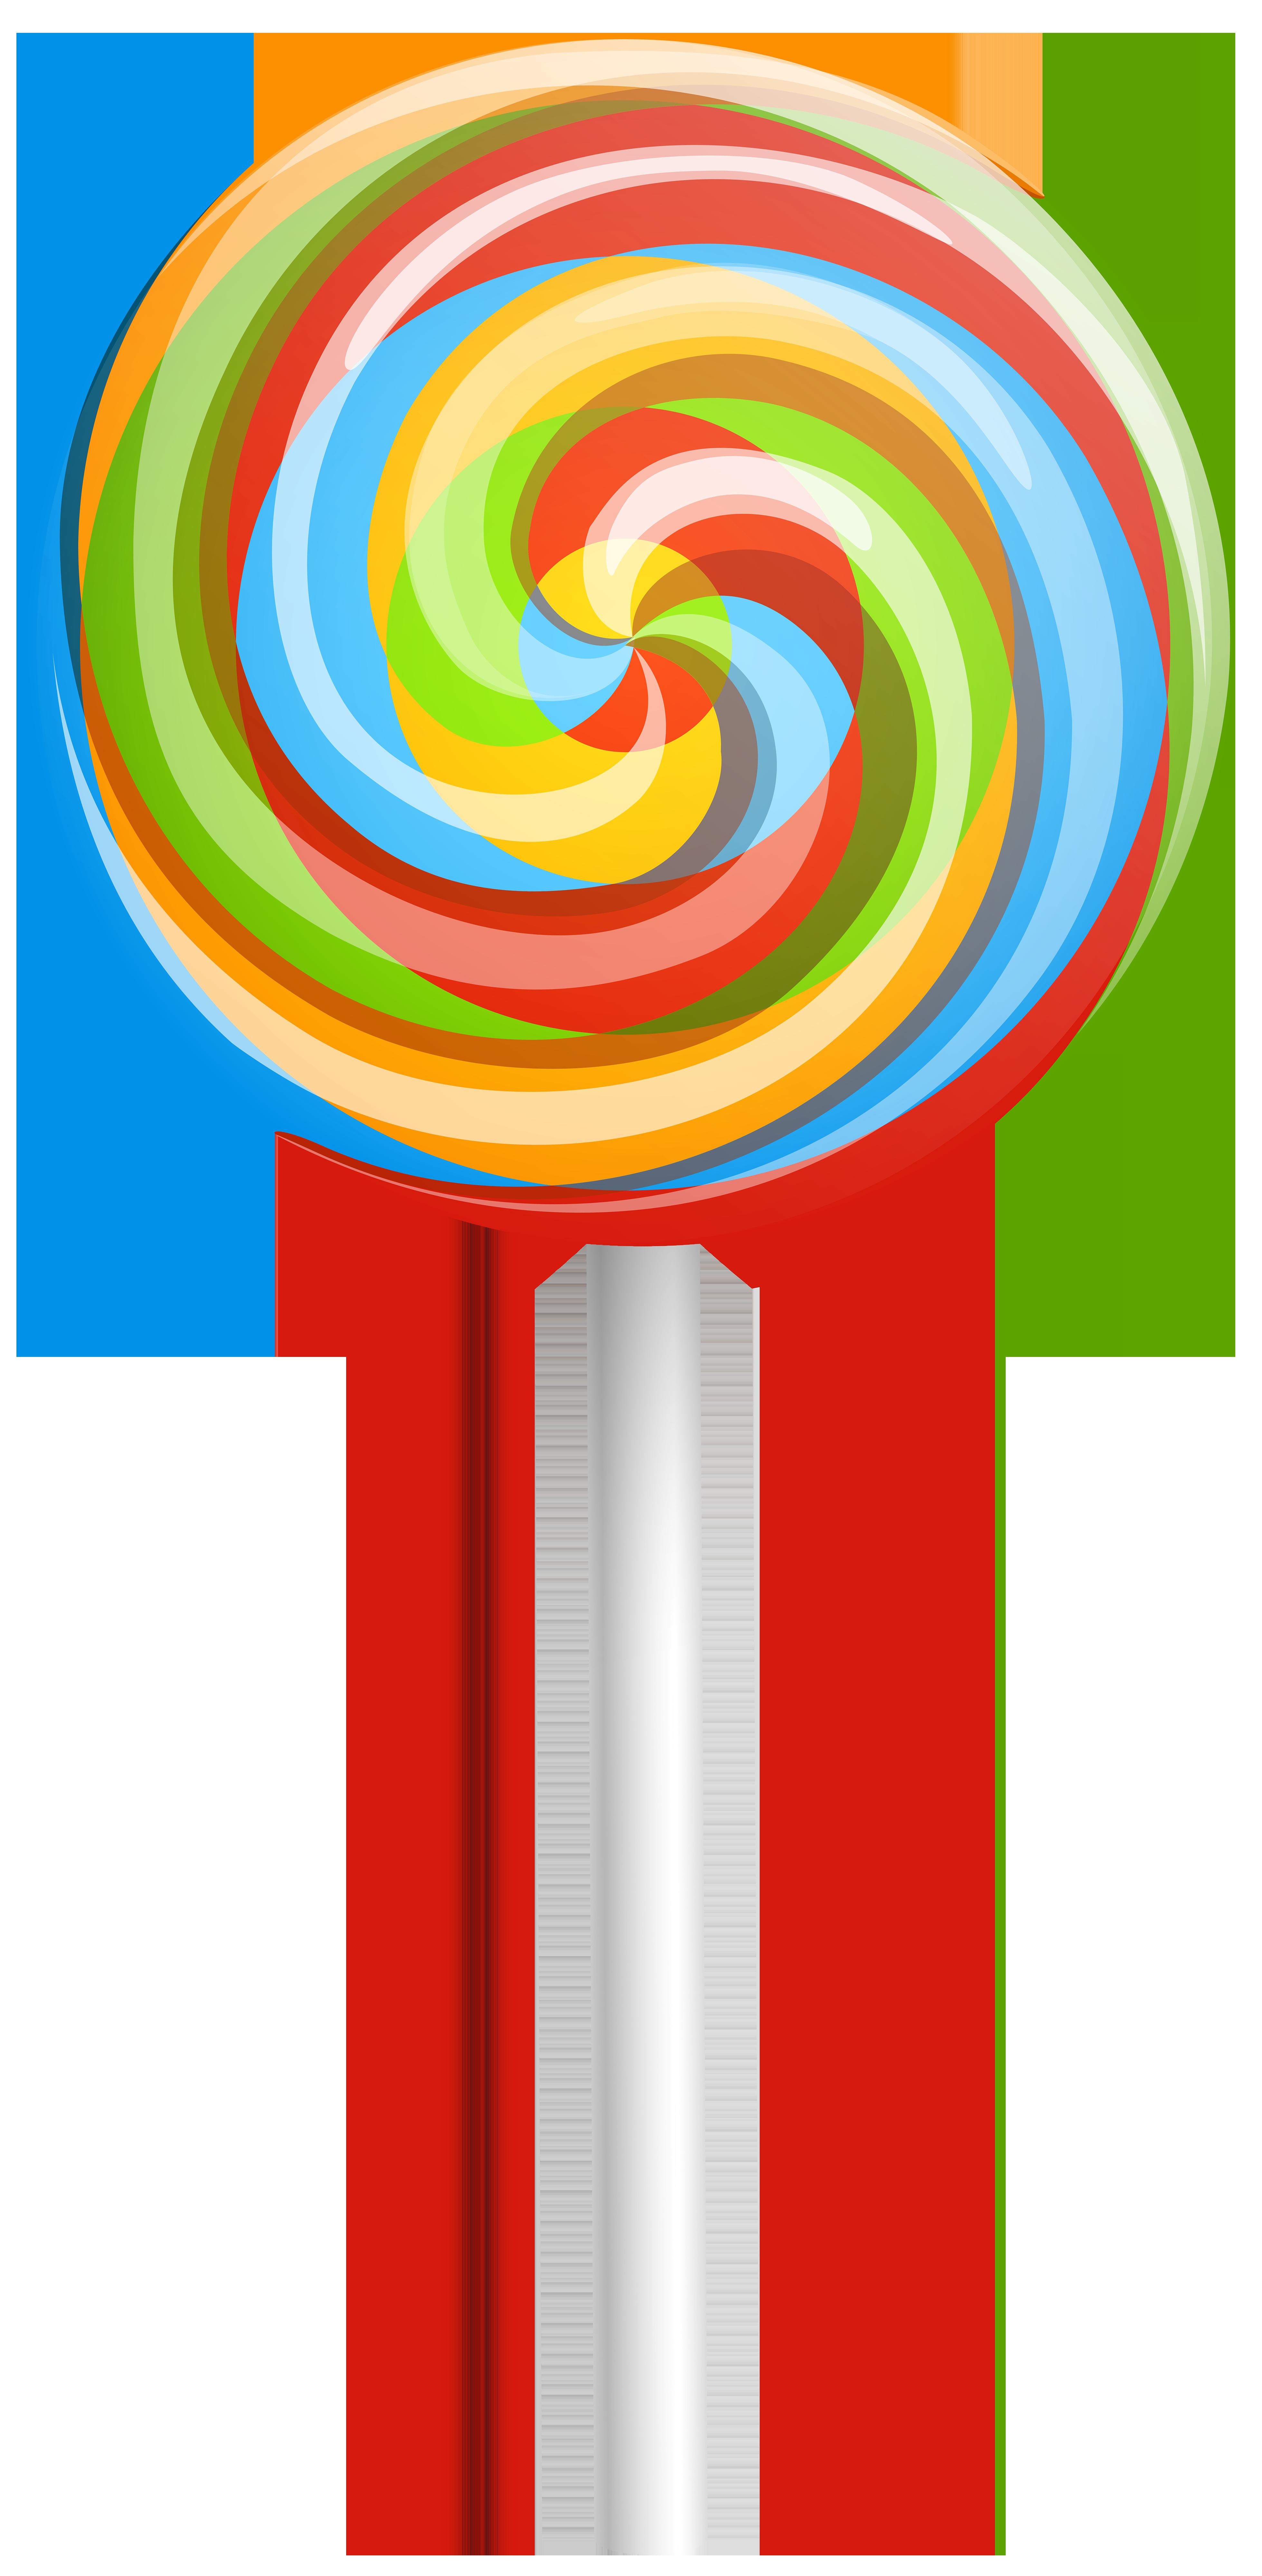 Lollipop clipart Rainbow art image Pictures clip